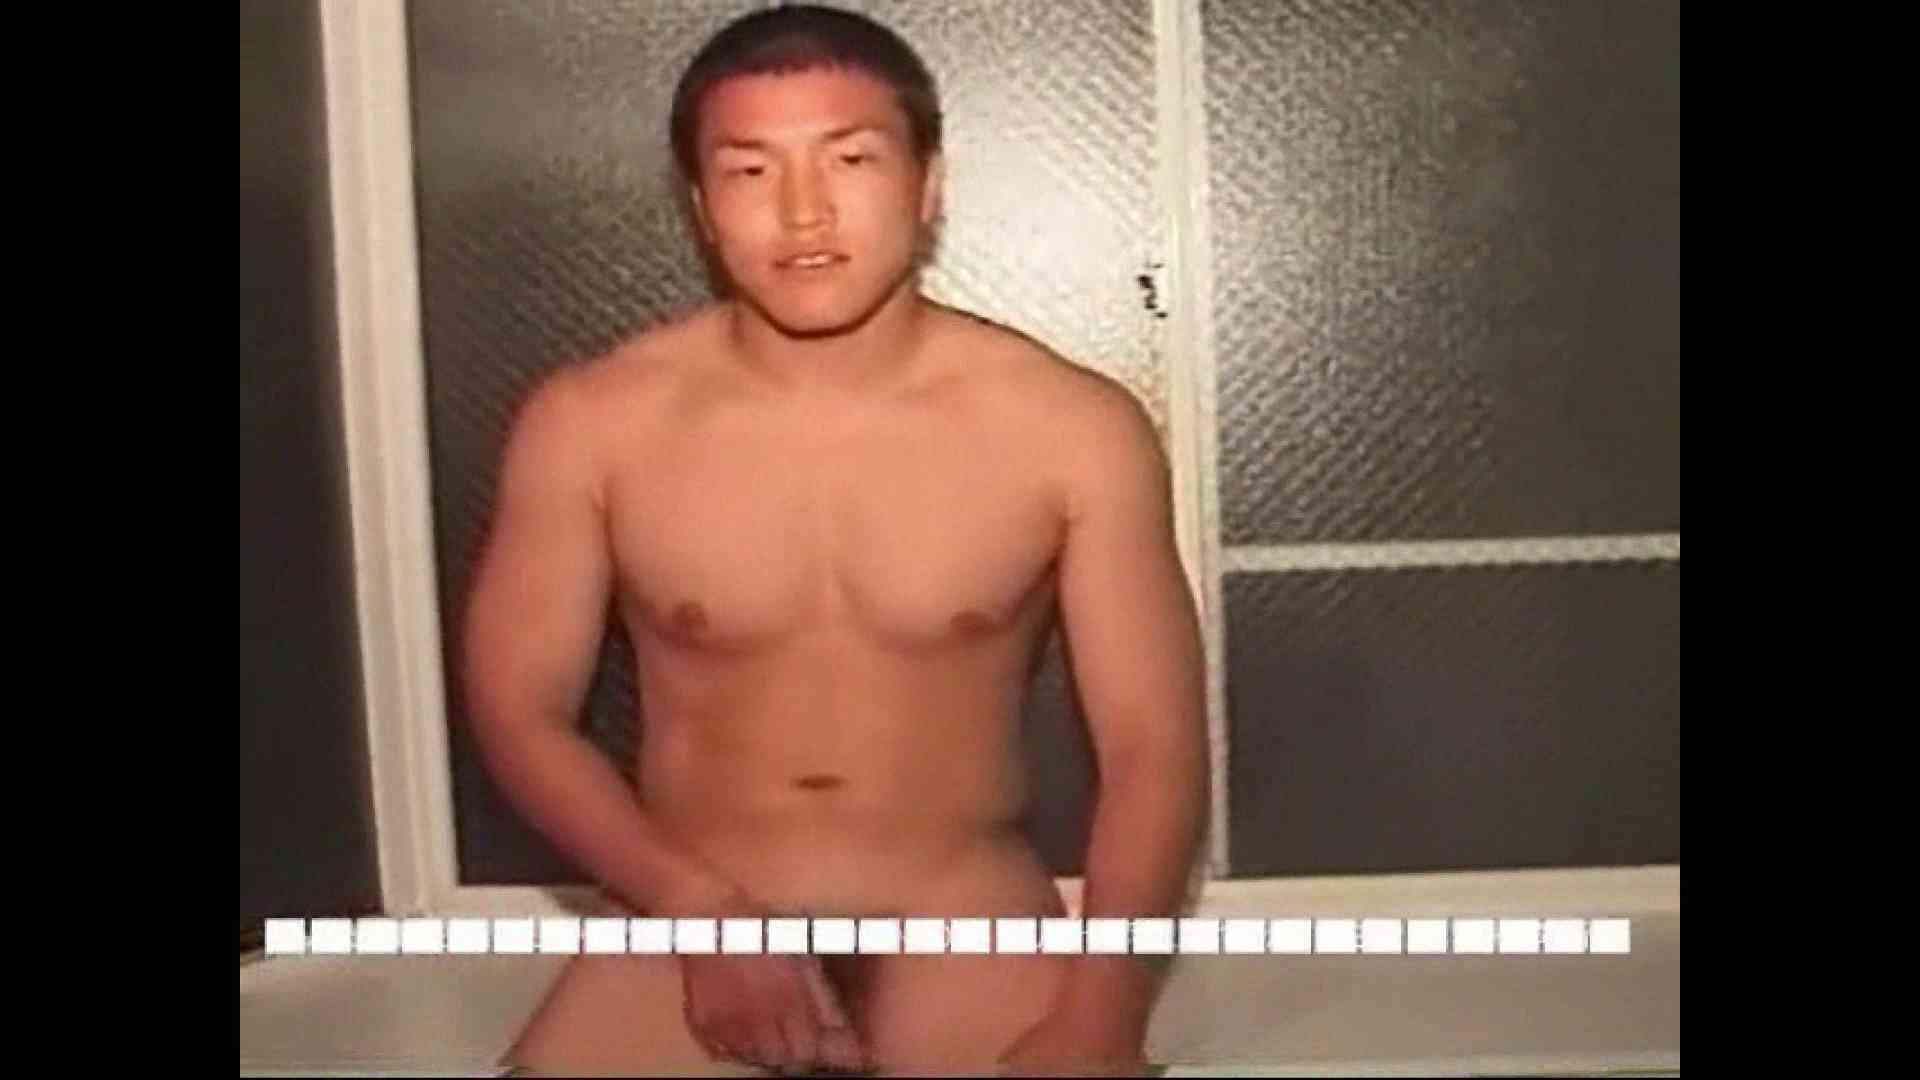 オナれ!集まれ!イケてるメンズ達!!File.28 ガチムチマッチョ系男子 ゲイエロ動画 111枚 95